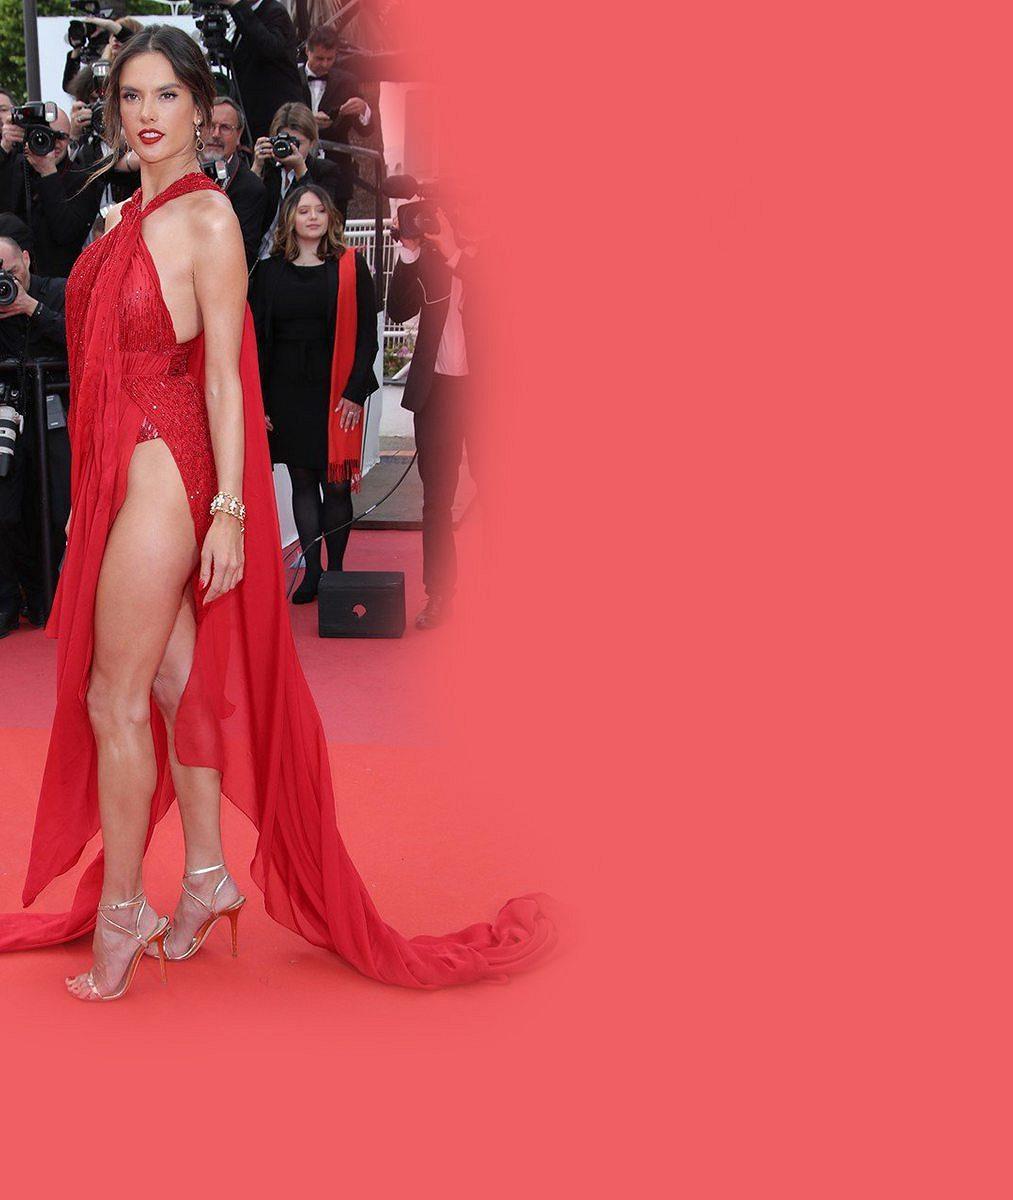 Modelka oblékla stejně odvážný model jako před lety její kolegyně. Aukázala ikalhotky!